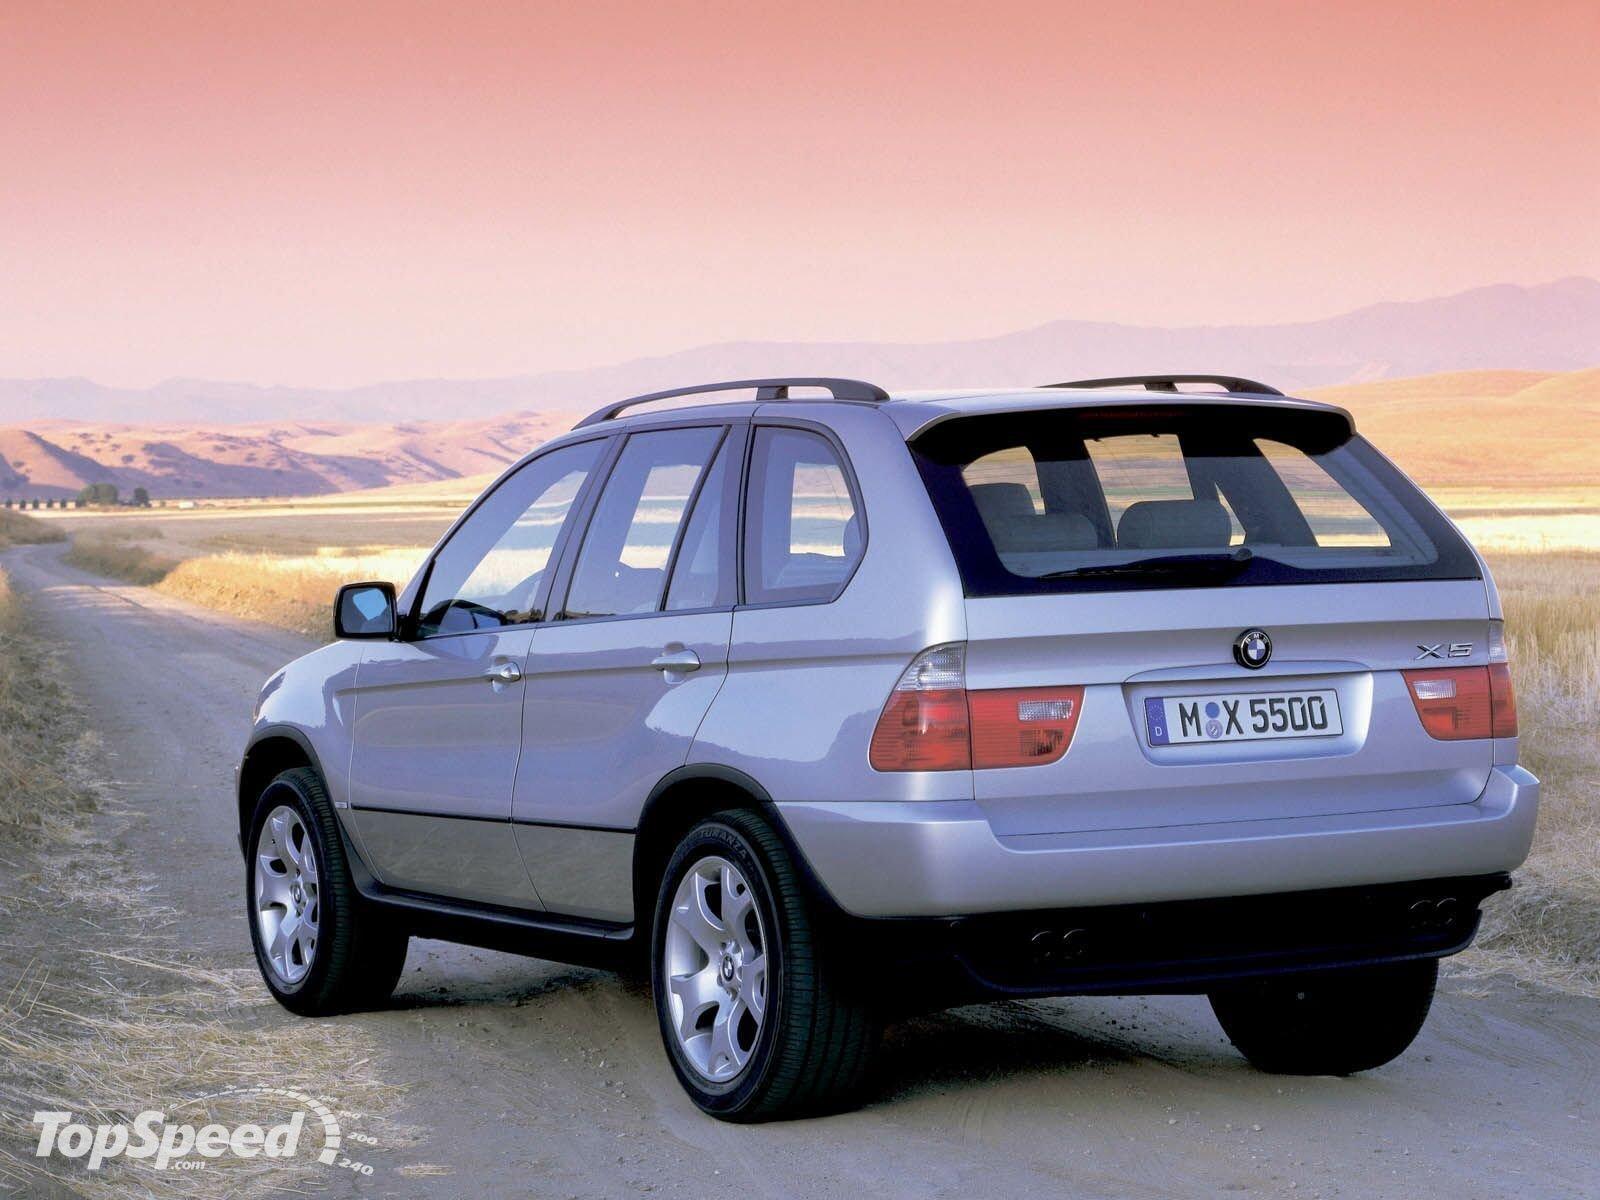 Bmw Automobiles Bmw X5 2000